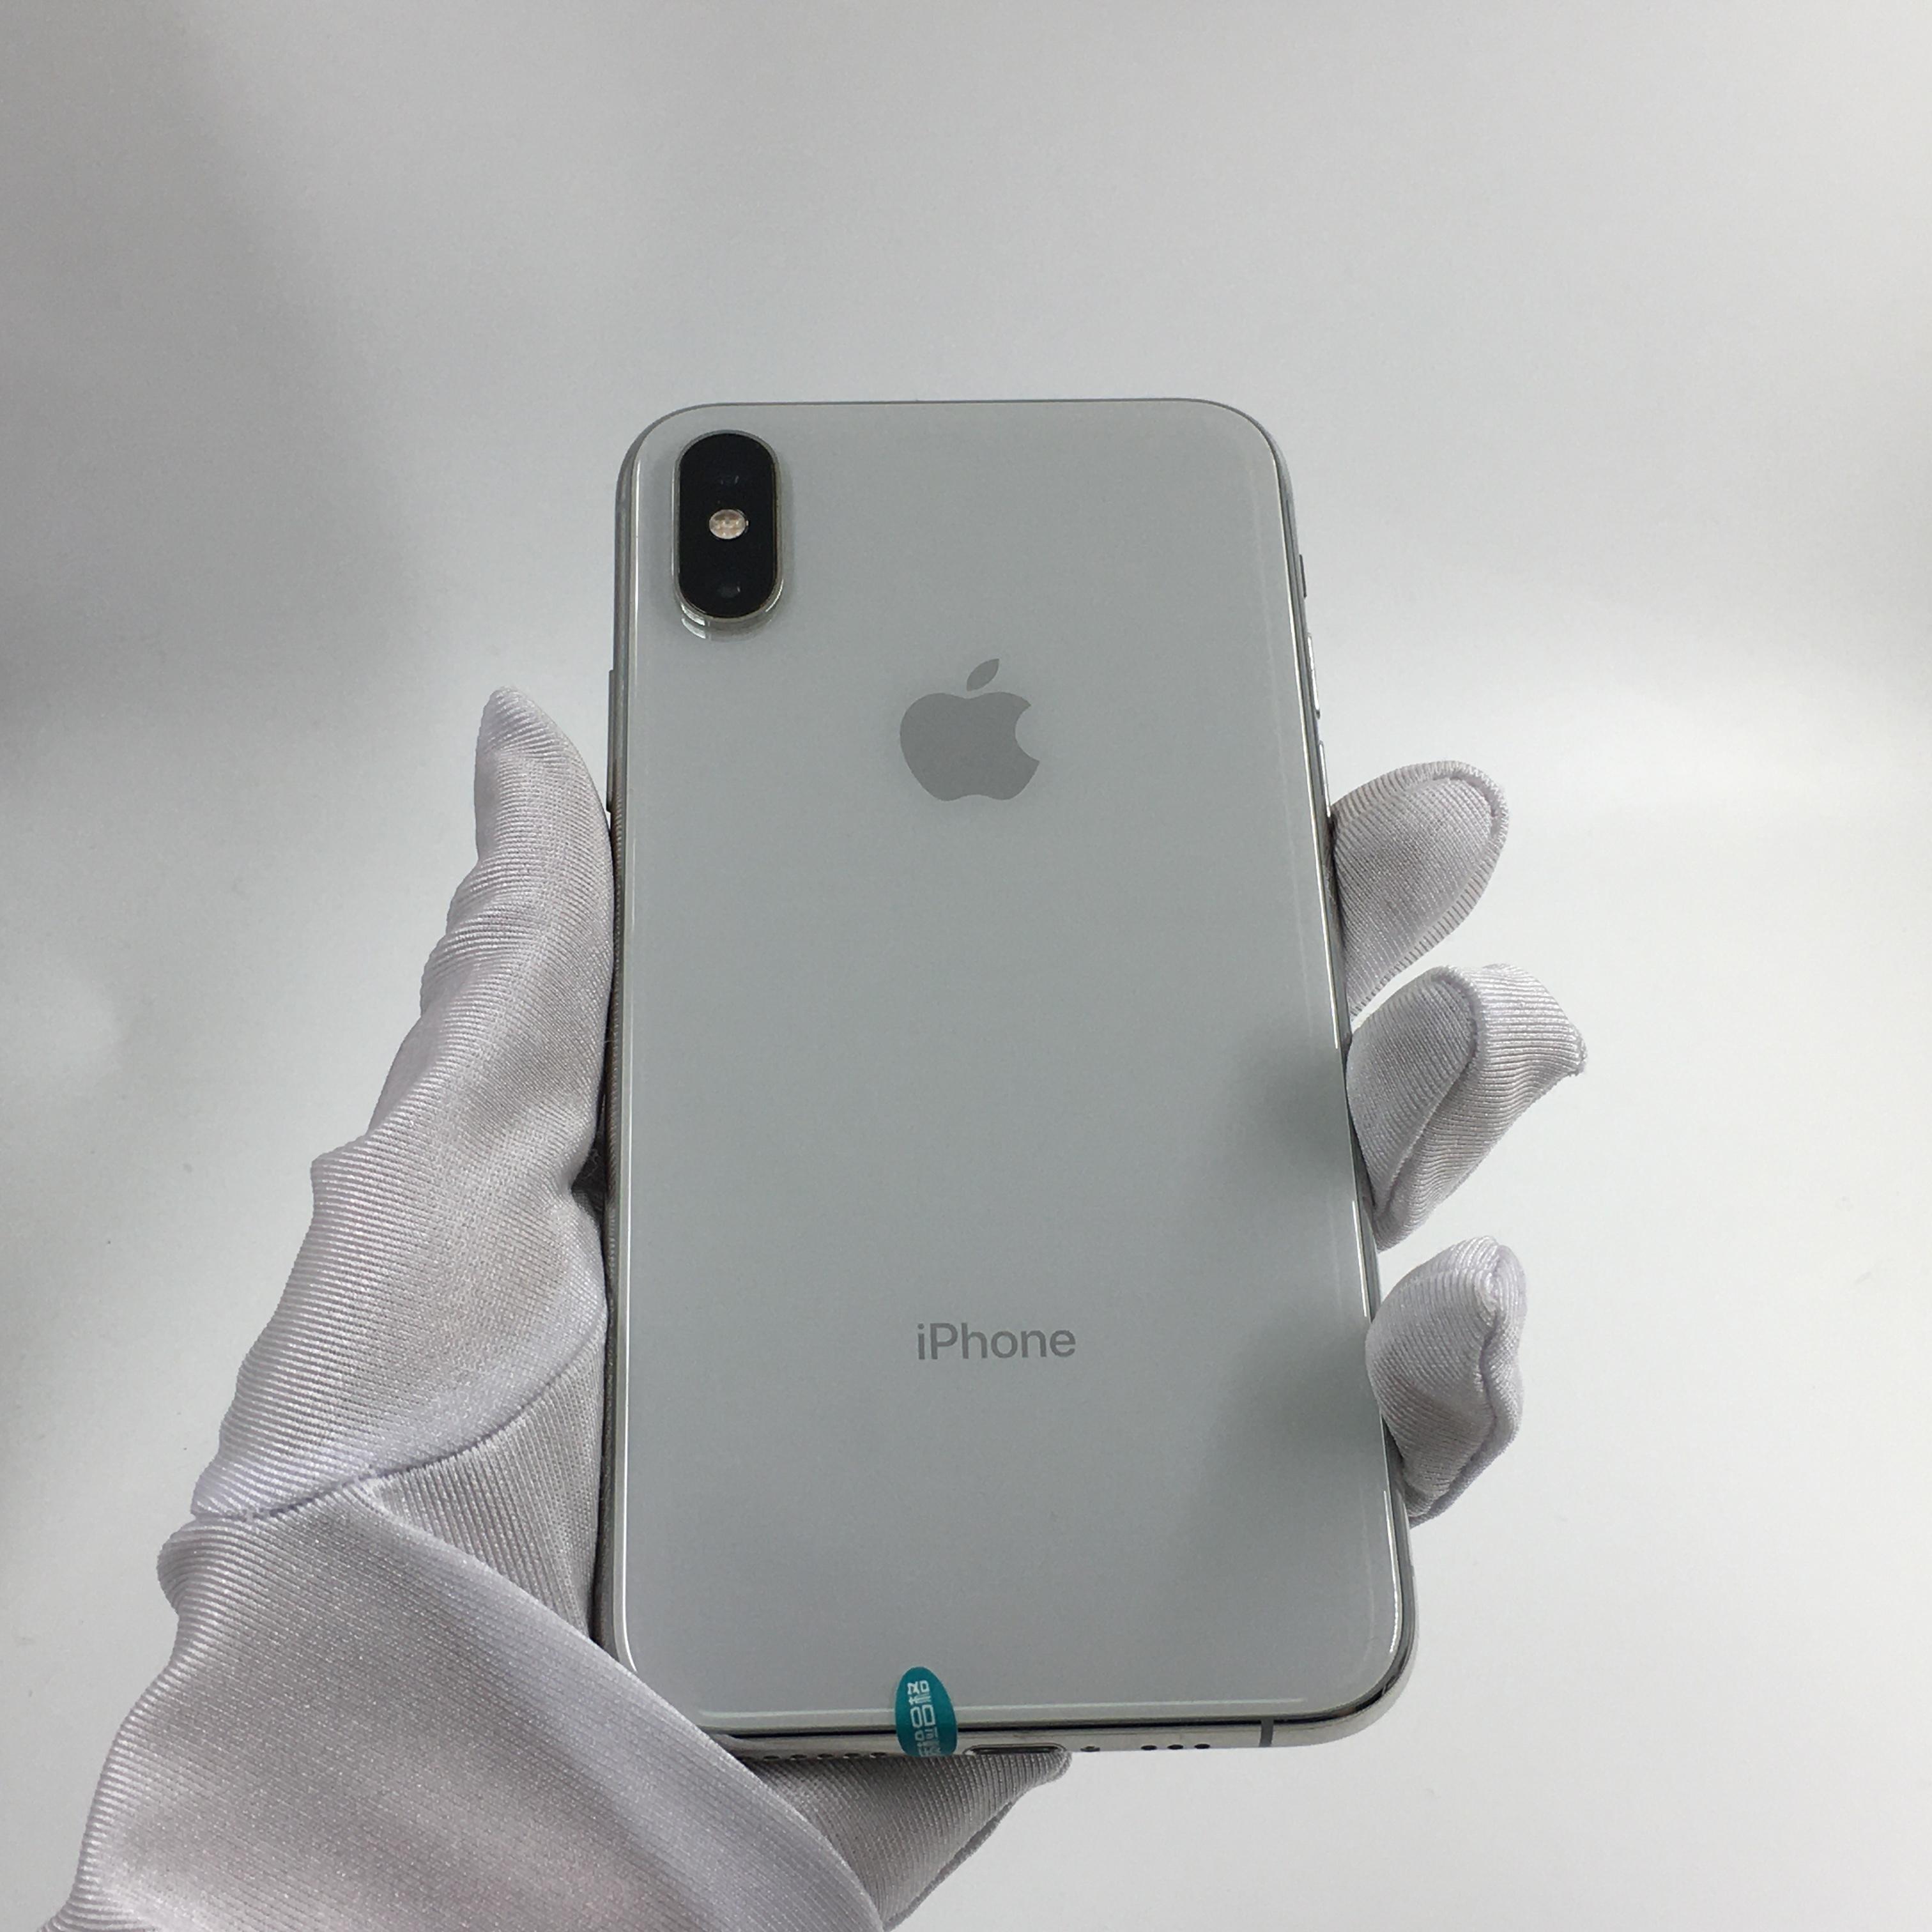 苹果【iPhone Xs】4G全网通 银色 64G 国行 95新 64G真机实拍